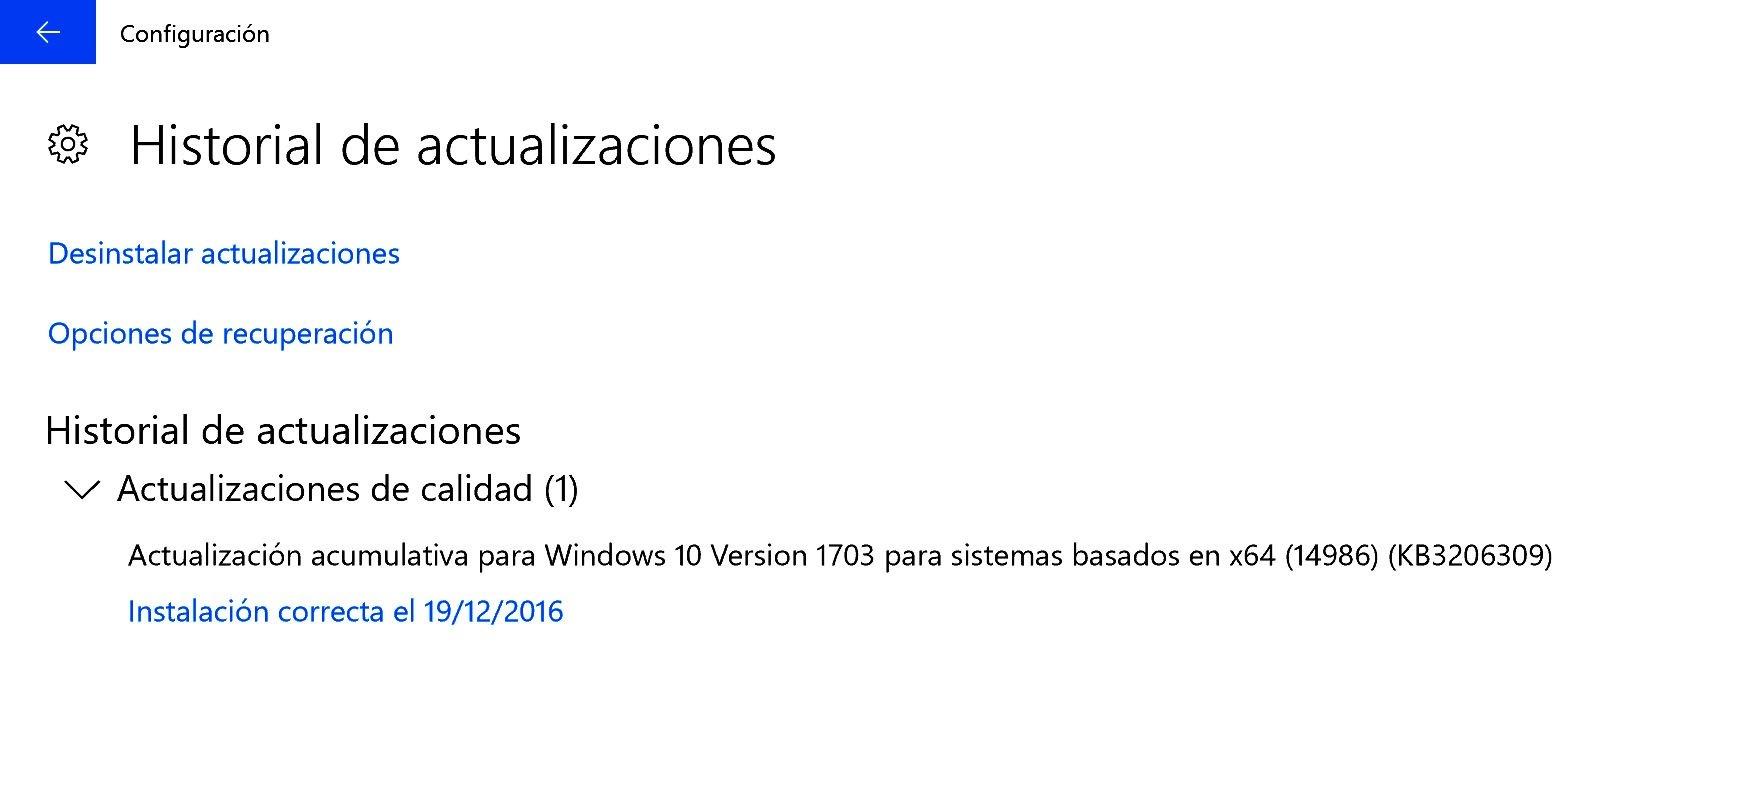 Microsoft lanza una actualización acumulativa para Windows 10 PC en el anillo rápido (KB3206309)